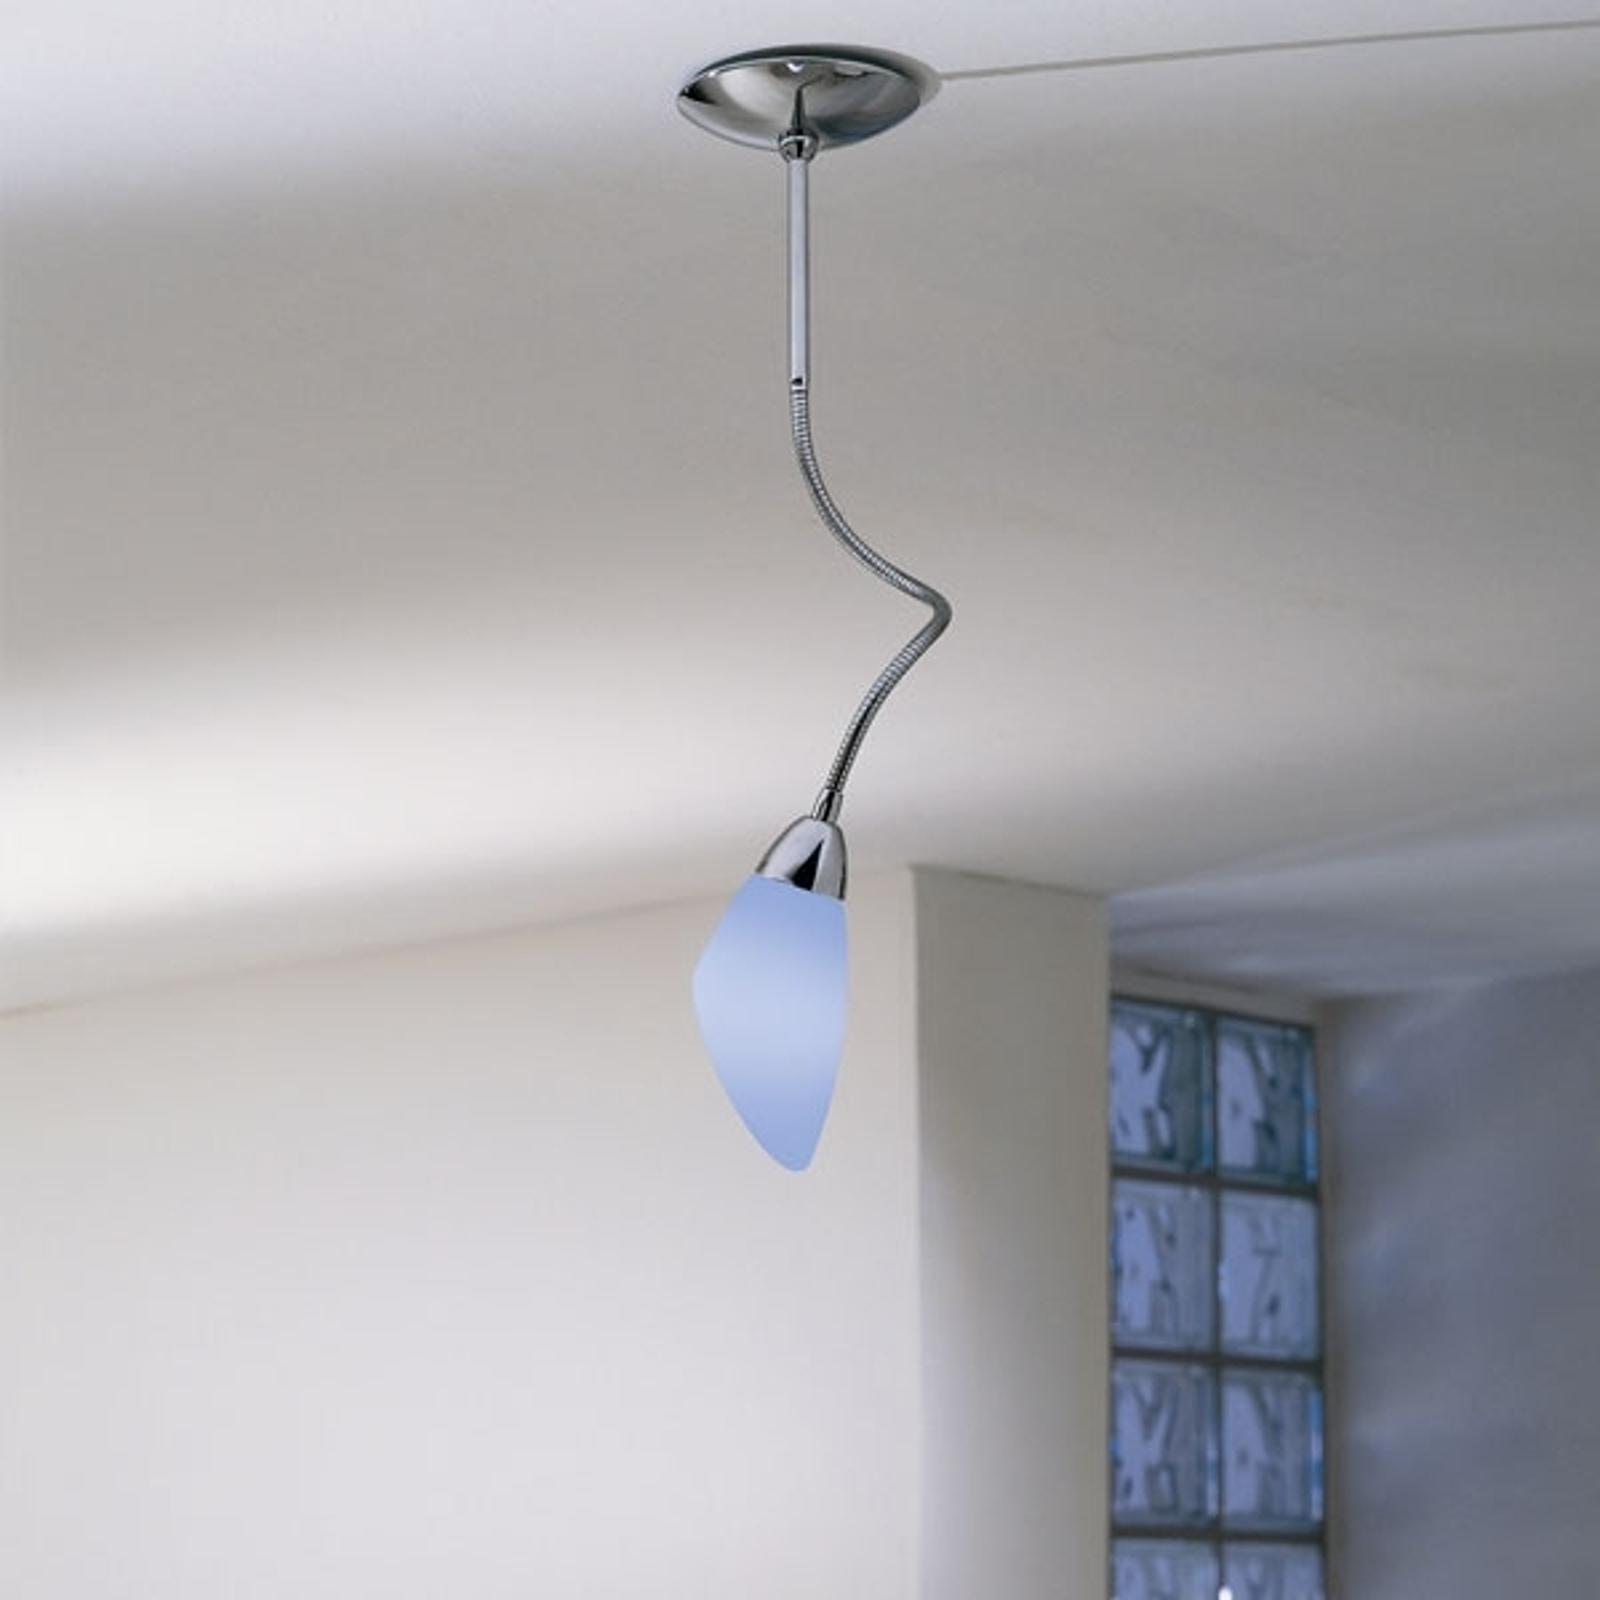 Originele design-plafondlamp POLI PO, 1-l, chroom